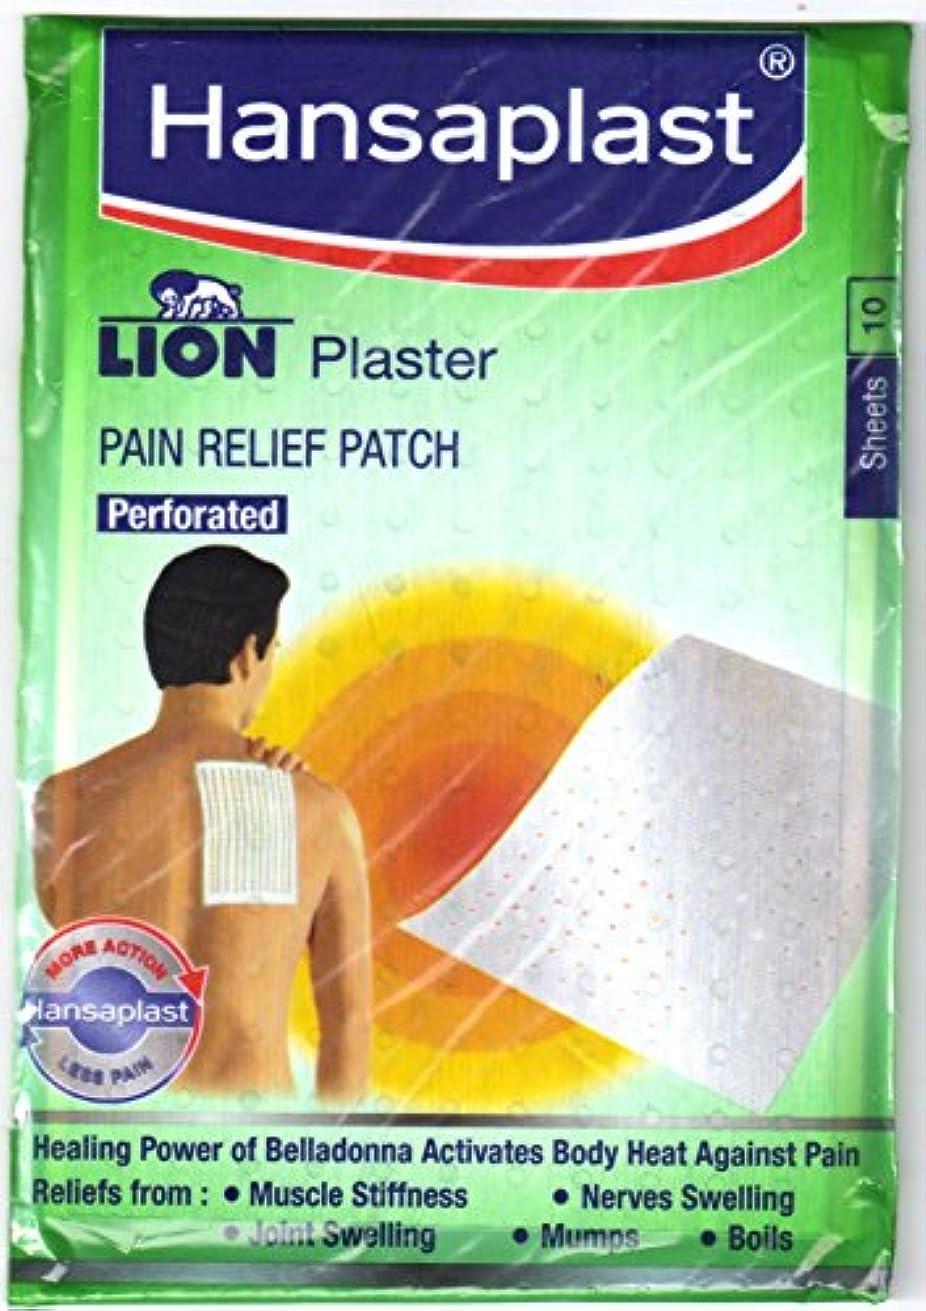 挨拶するカタログ気取らないHansaplast Lion plaster (Belladonna) 1 pack of 10 Sheets Pain Relief Patch